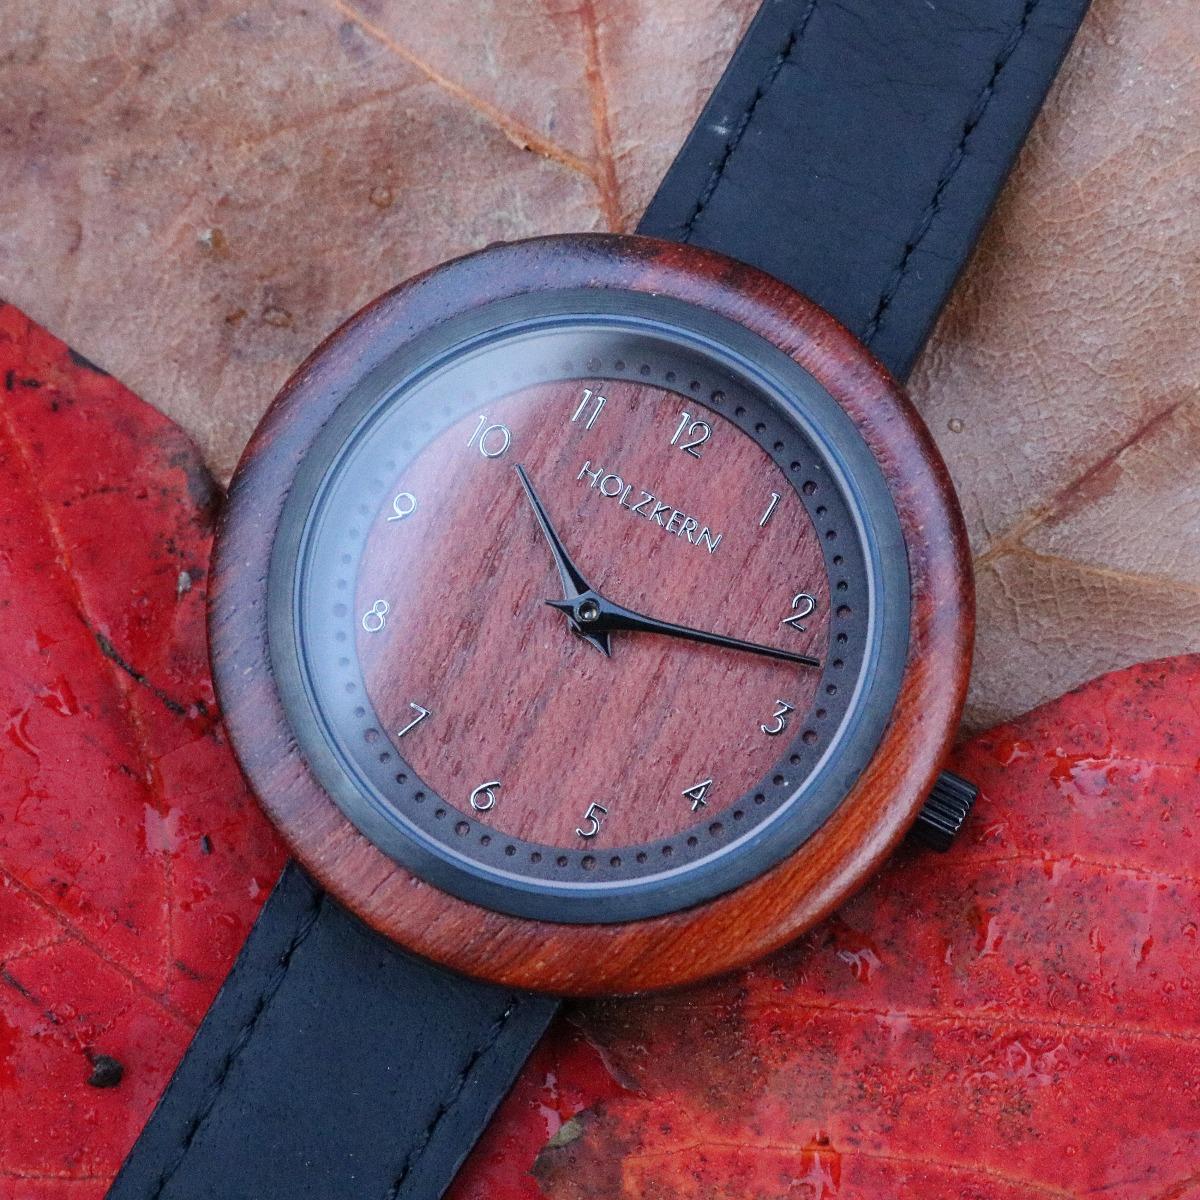 Die Holzkern Holzuhr Cape liegt auf bunten Herbstblättern